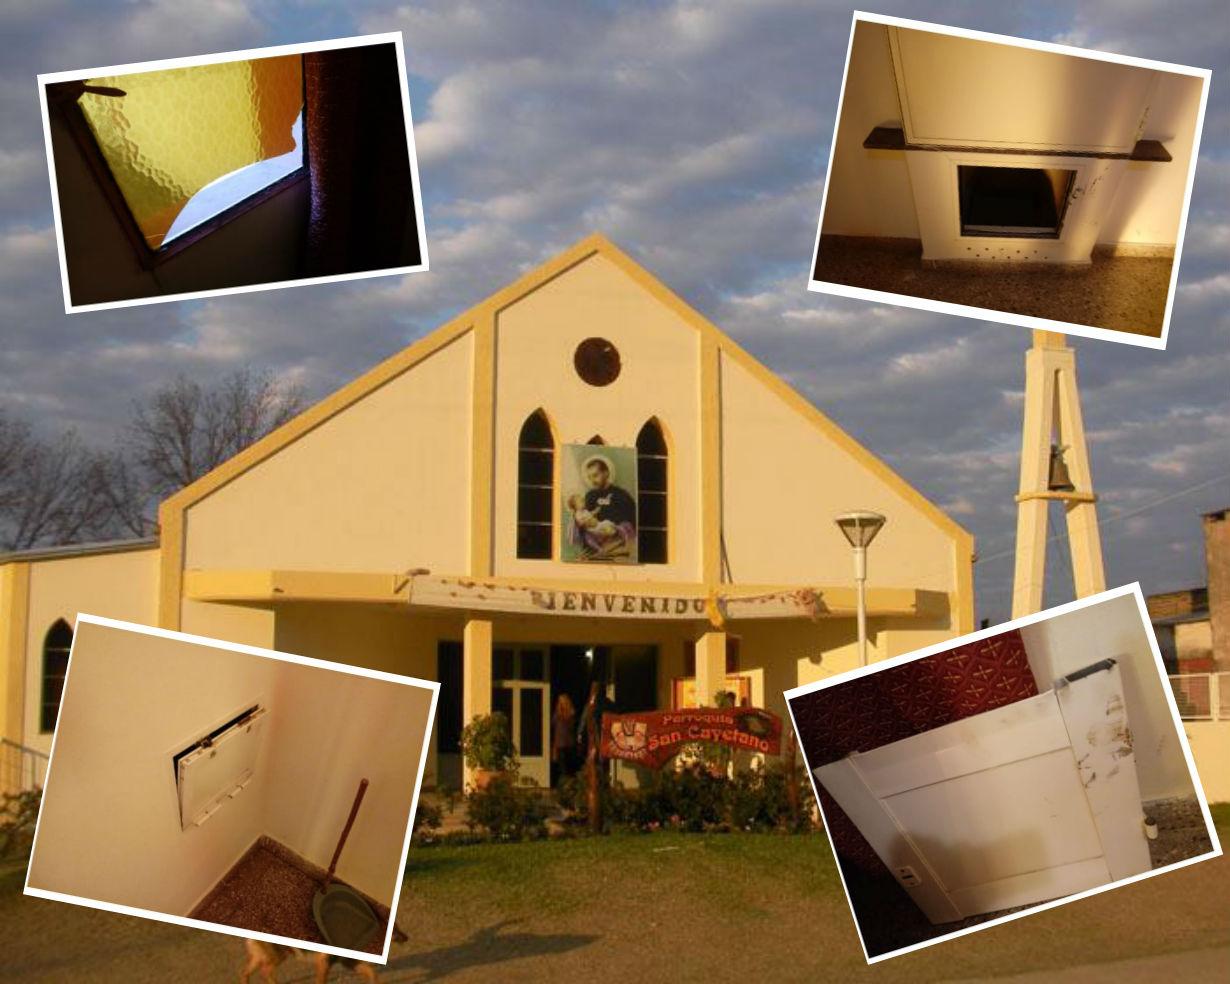 El vidrio roto y las alcancías que fueron robadas, de la parroquia de Villa Zorraquín.